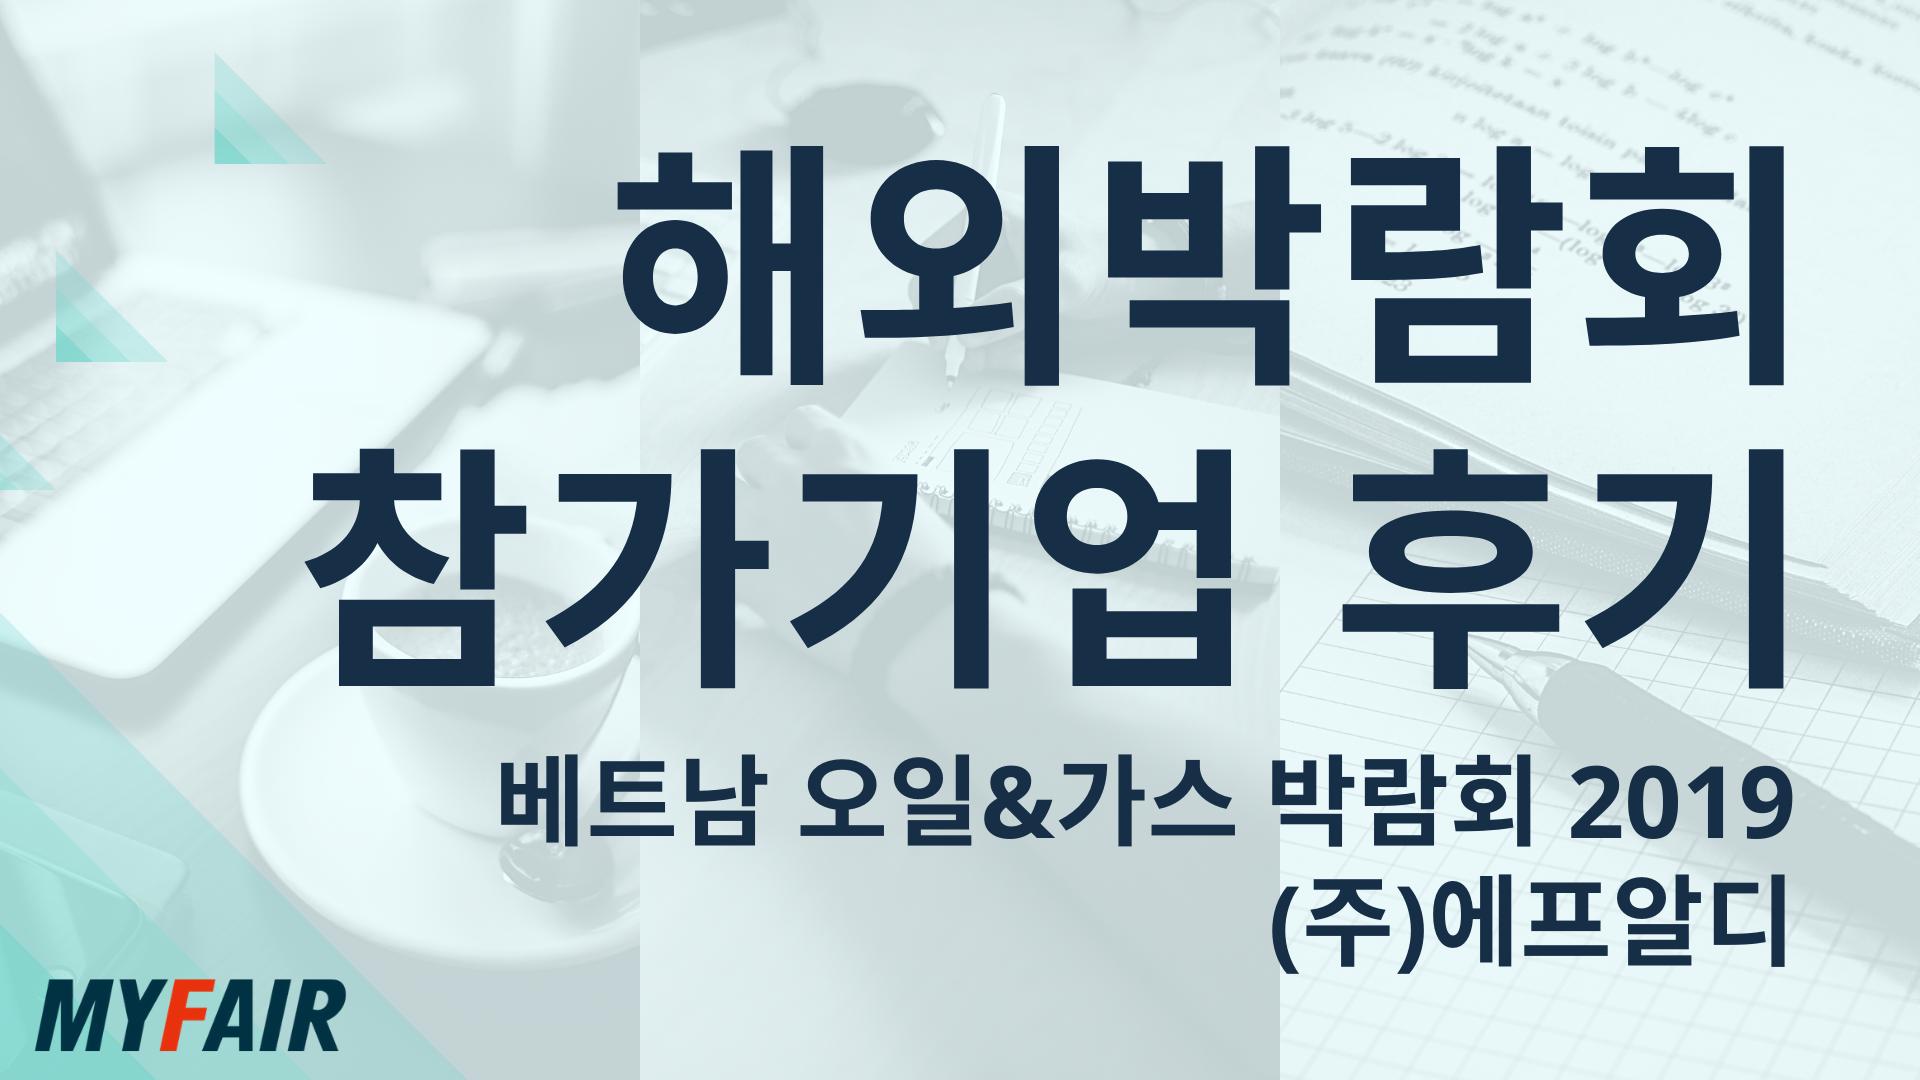 [해외박람회에서 빛난 기업] 베트남 오일&가스 박람회 2019 – ㈜에프알디